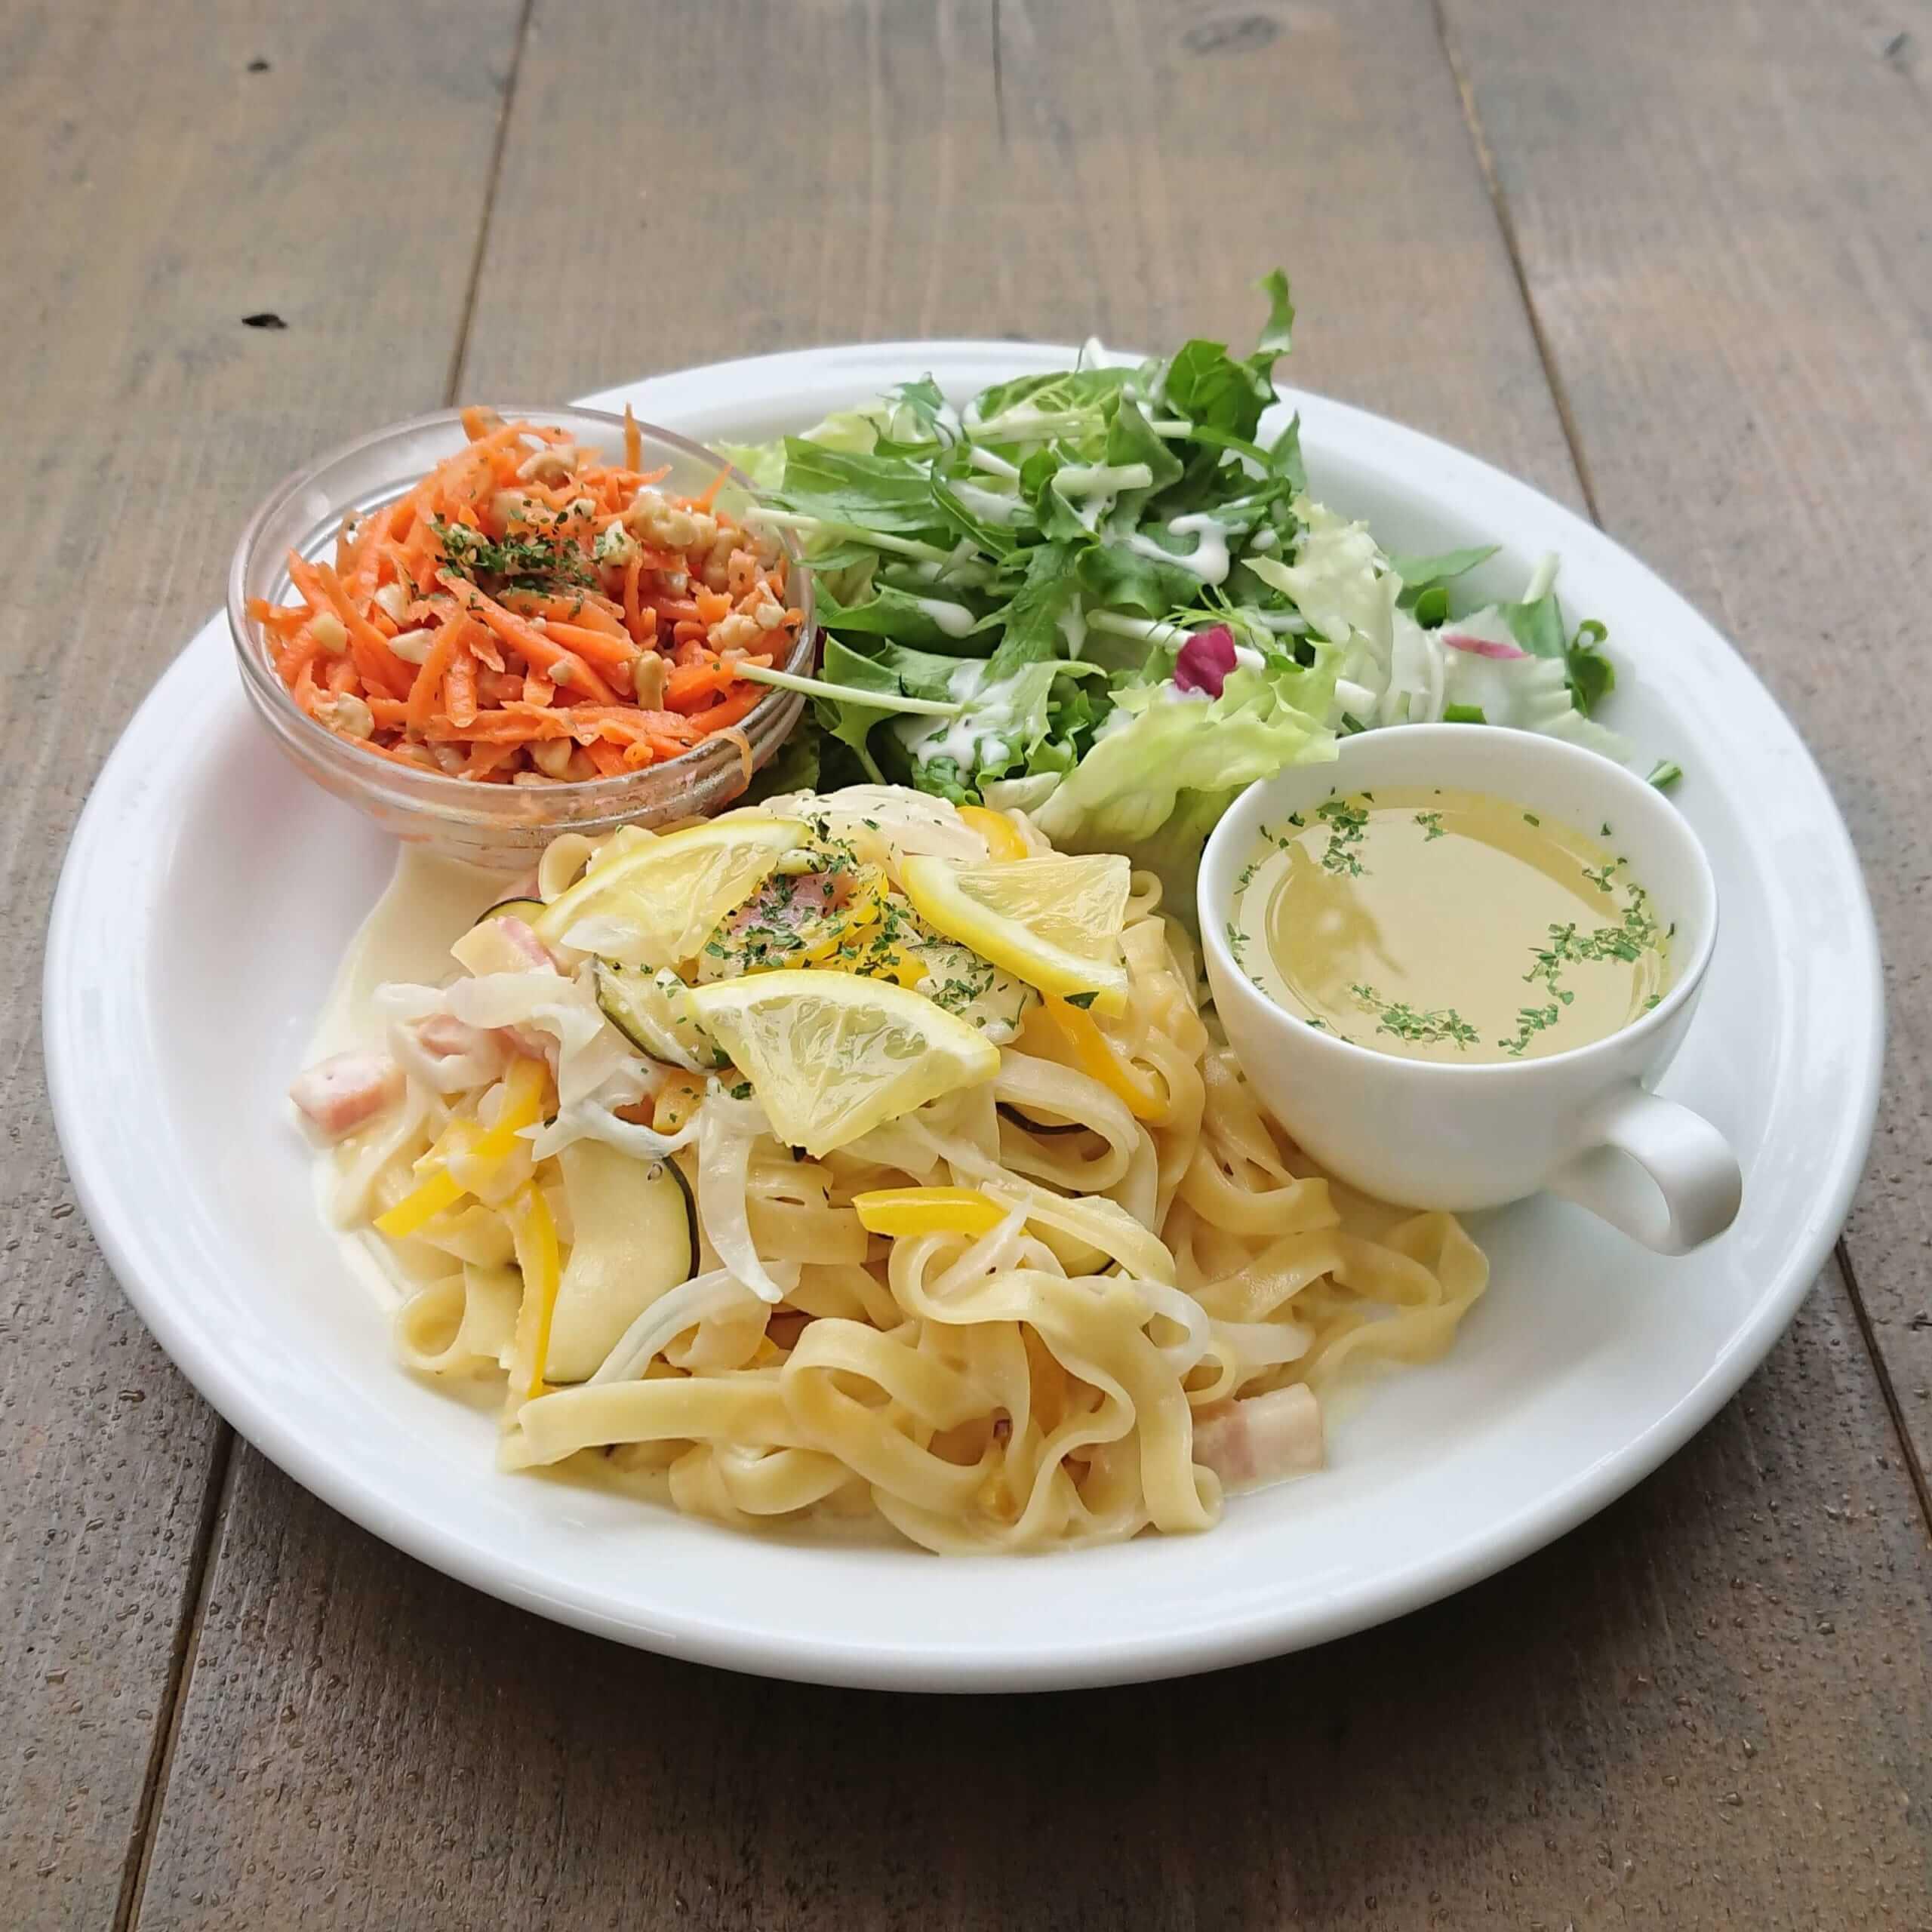 Les Grands Arbres(レ・グラン・ザルブル)の夏野菜とベーコンのレモンクリームソースパスタ